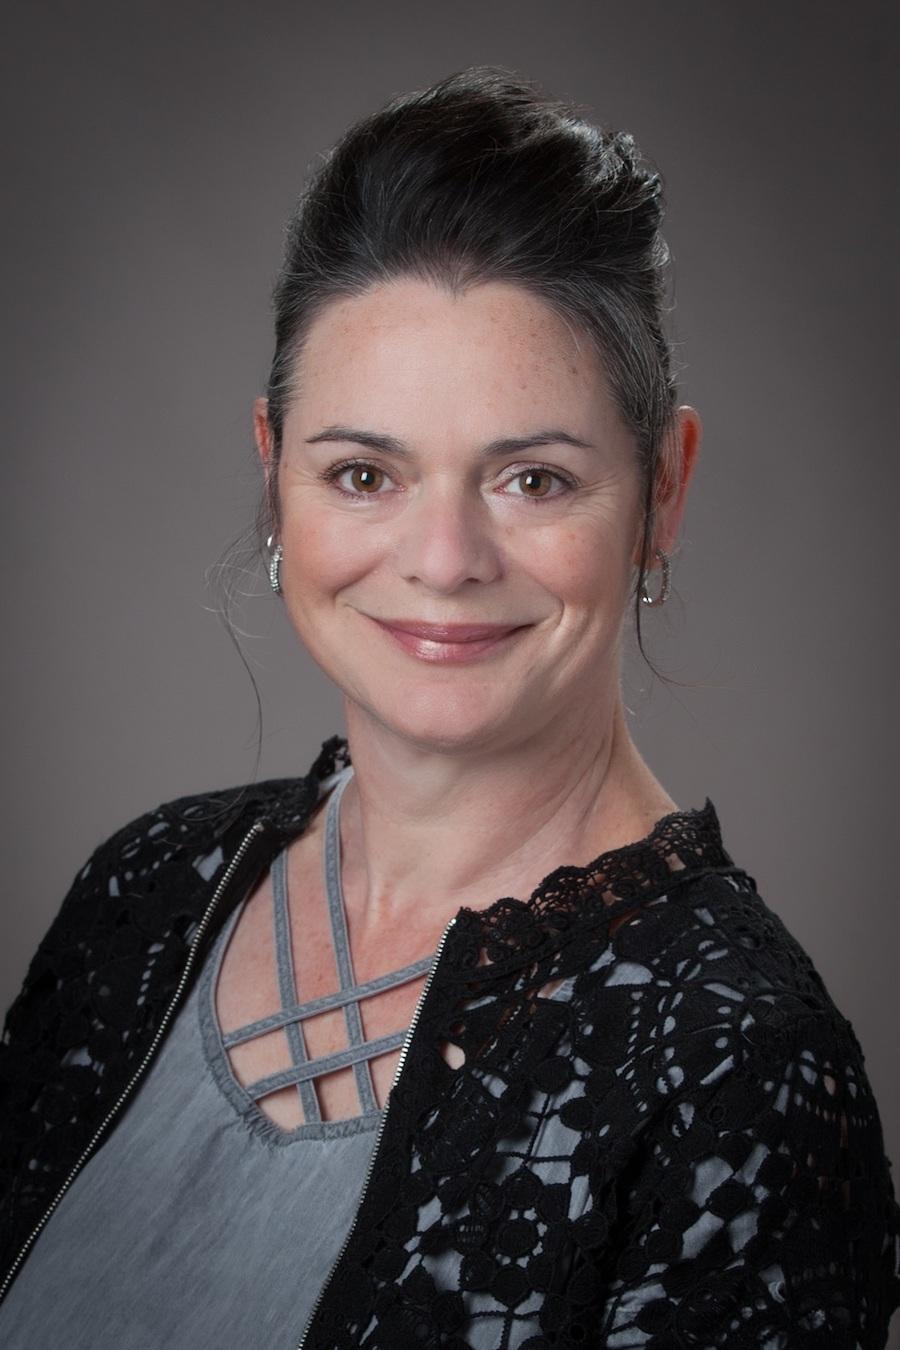 Kristen DeCoteau, HR Coordinator/Recruiting